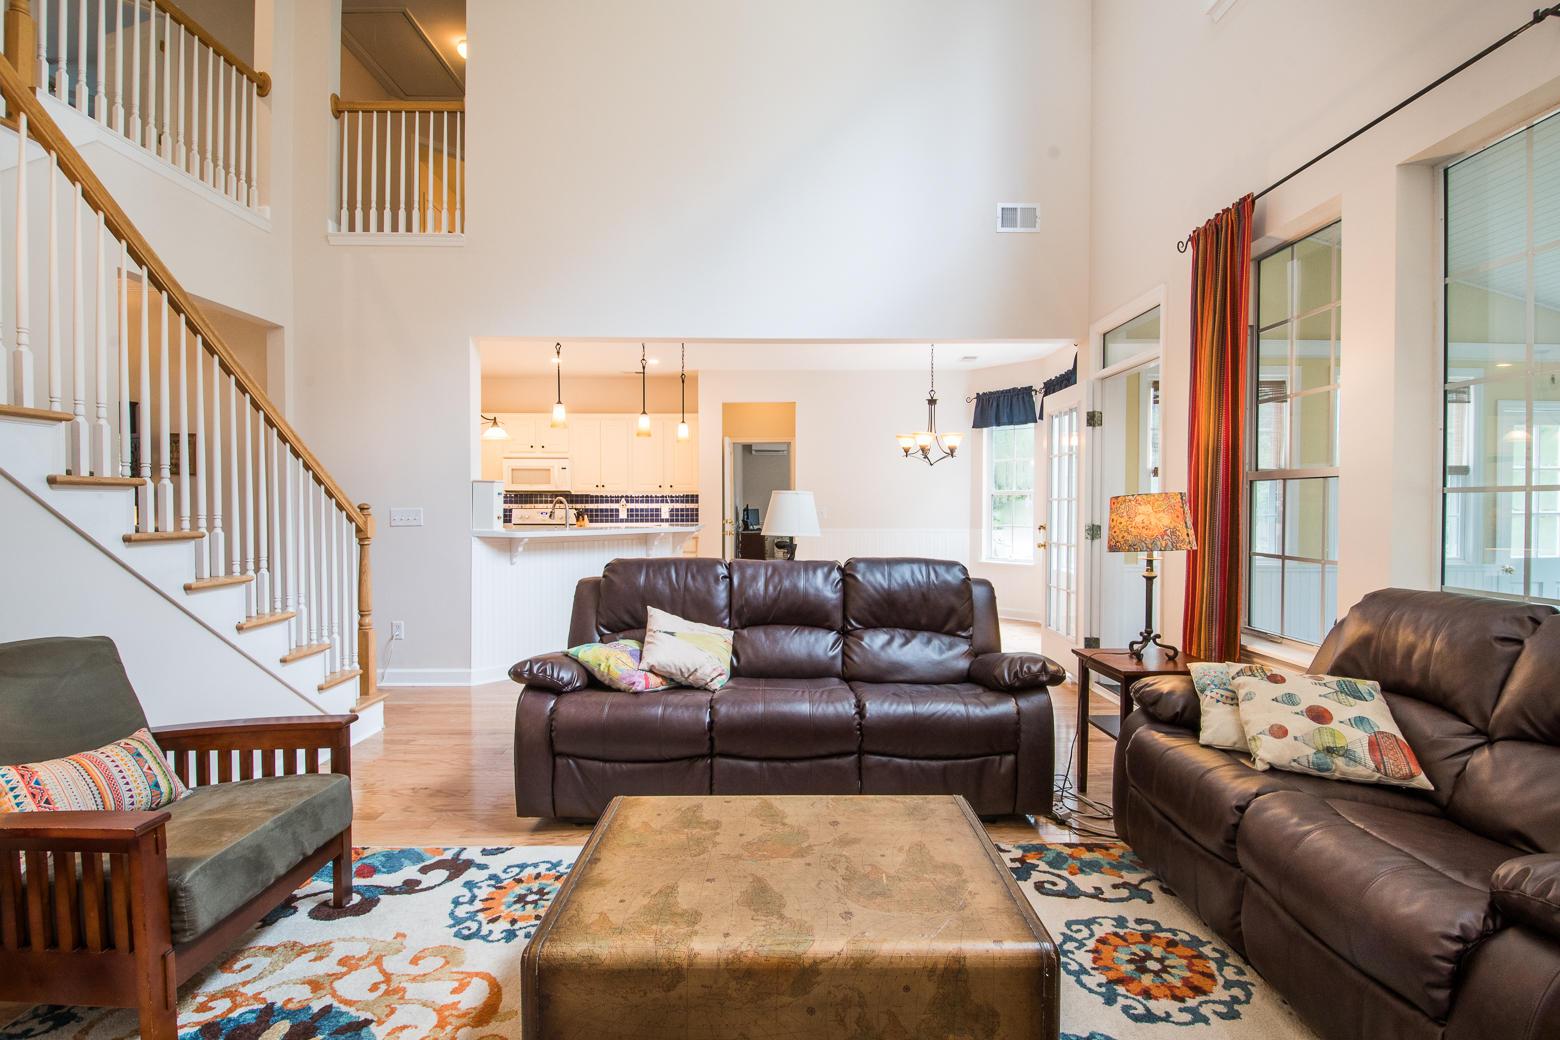 Dunes West Homes For Sale - 1111 Black Rush, Mount Pleasant, SC - 25